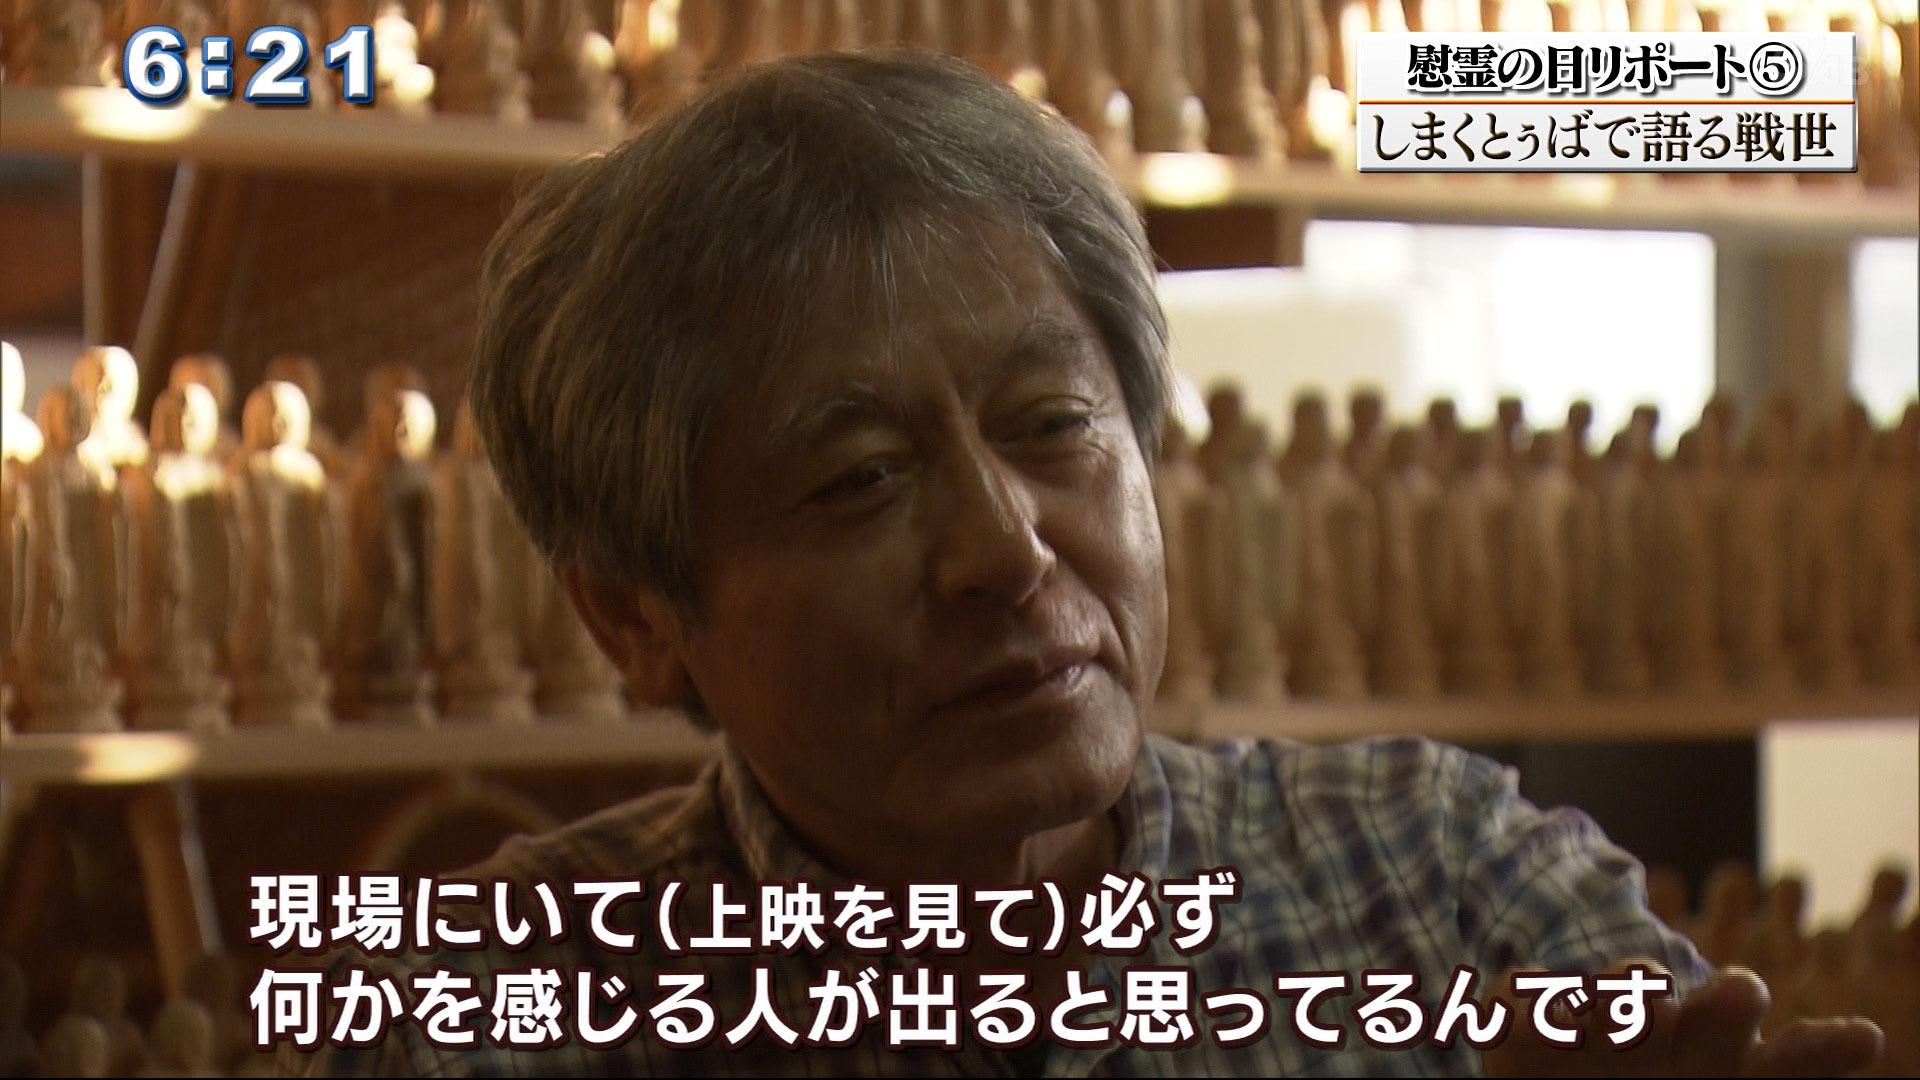 慰霊の日(5) しまくとぅばで語る戦世 カメラマンが見た沖縄戦~記憶を受け継ぐ